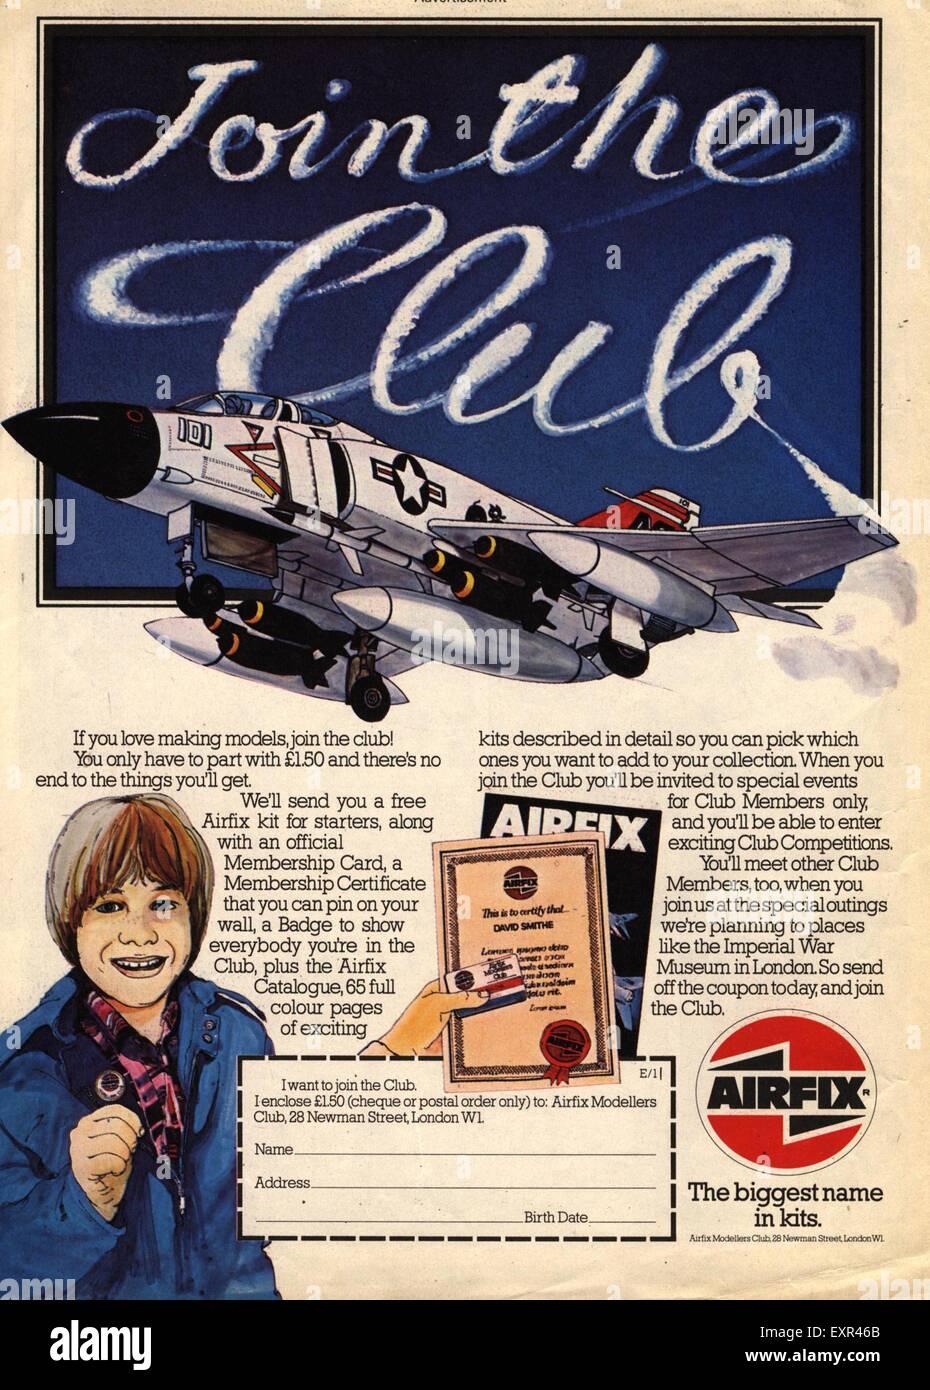 1970s UK Airfix Magazine Advert - Stock Image